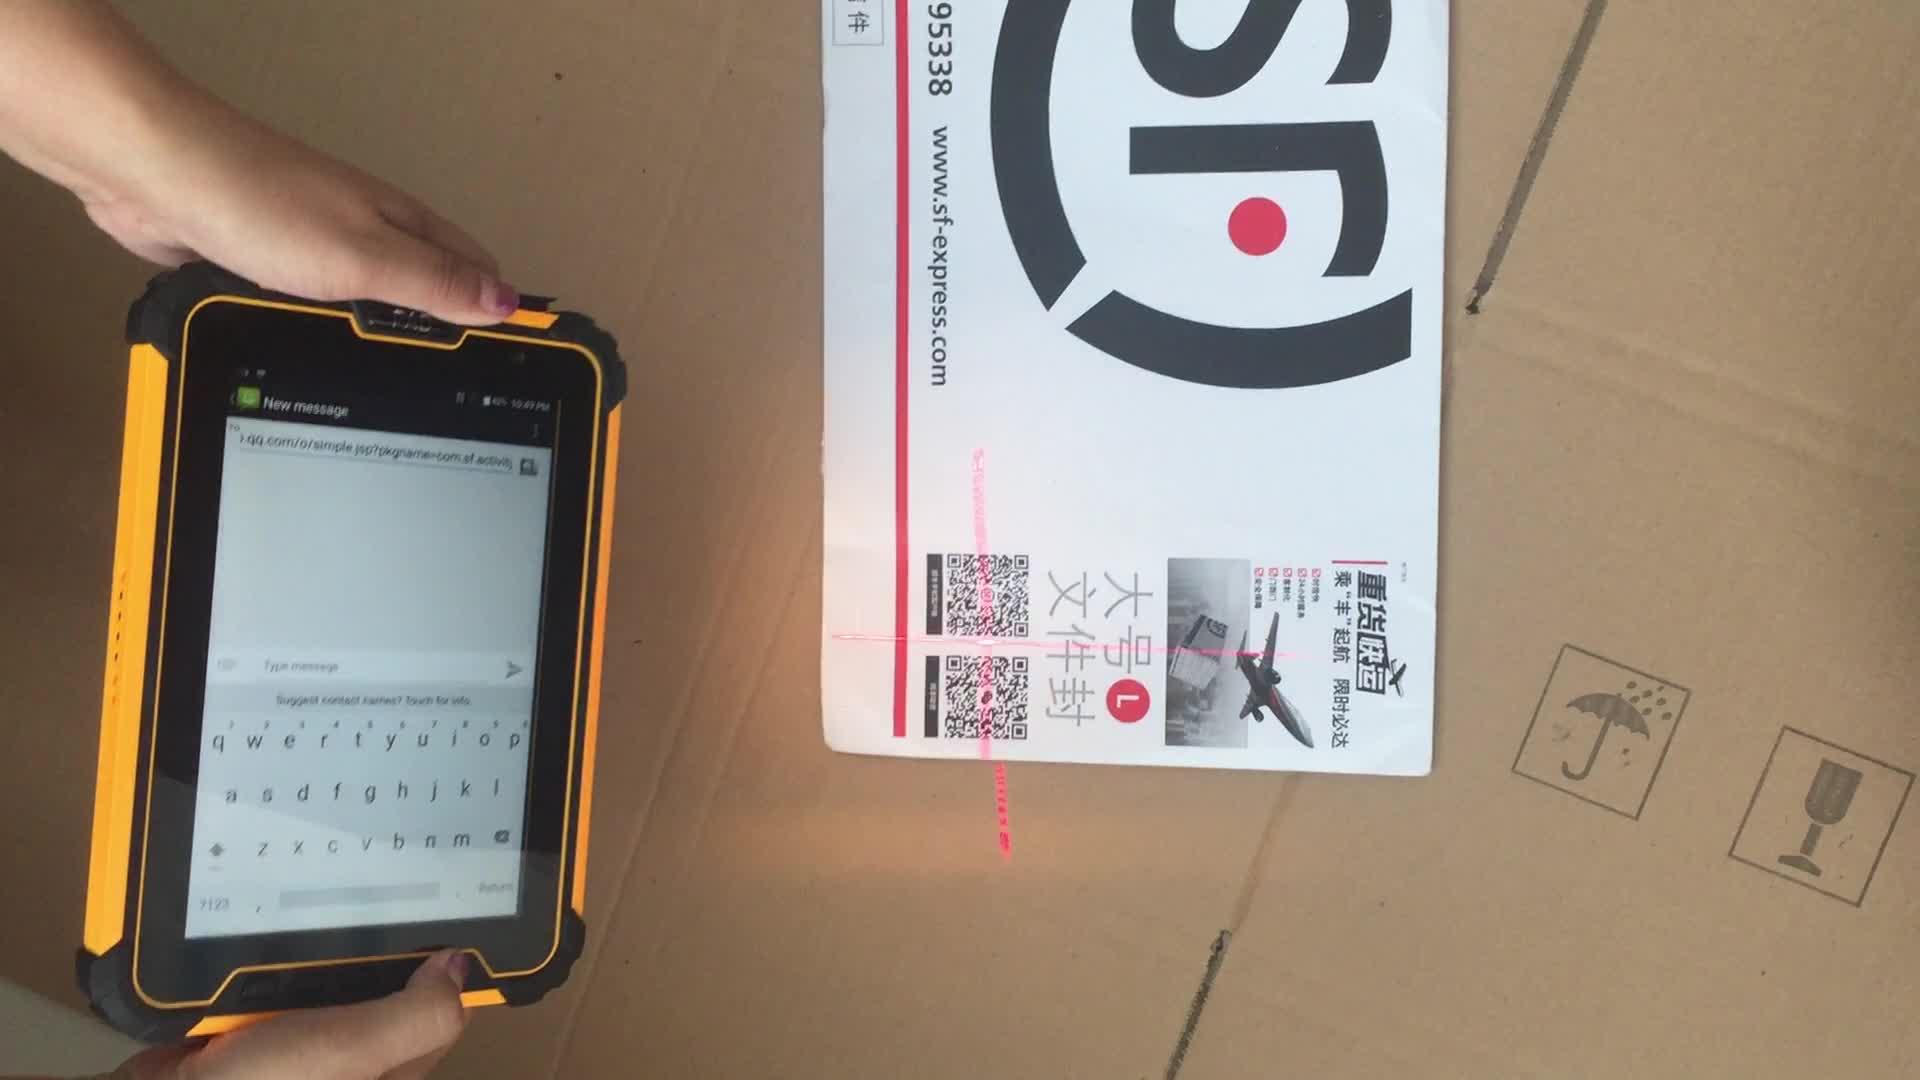 ST907V3.0 8 cores 8 inch industrial tablet 2D laser barcode scanner android tablet IP67 ST907V3.0-HG7